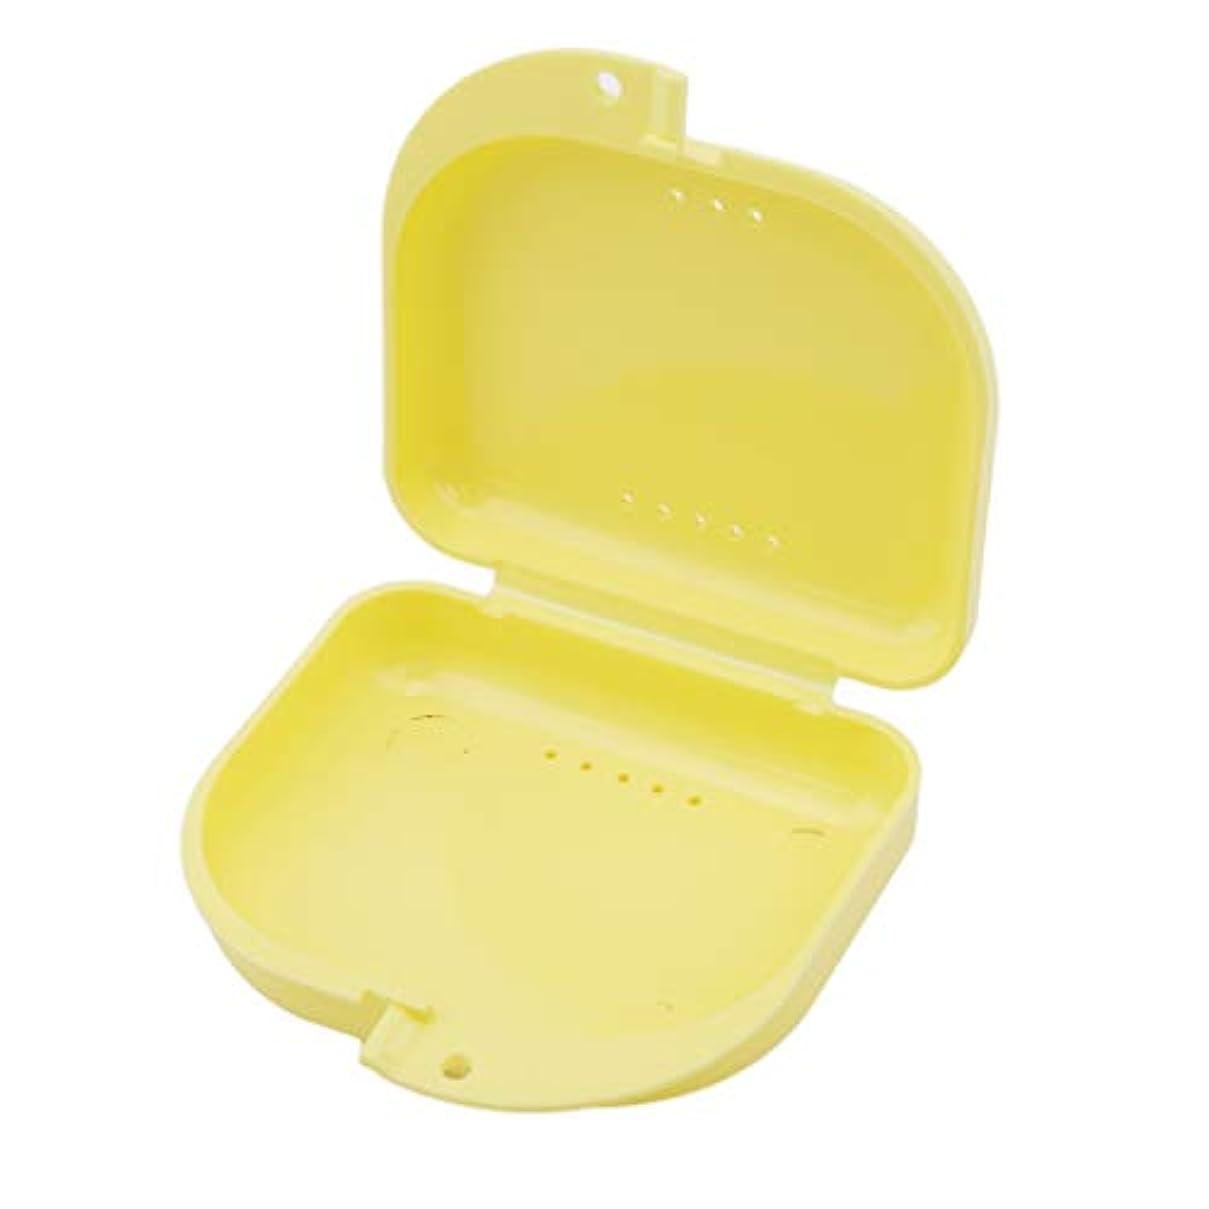 速度正気ナットBEE&BLUE 義歯ケース 義歯収納 義歯ボックス 義歯収納ケース 入れ歯のポケット 義歯収納容器 ミニ